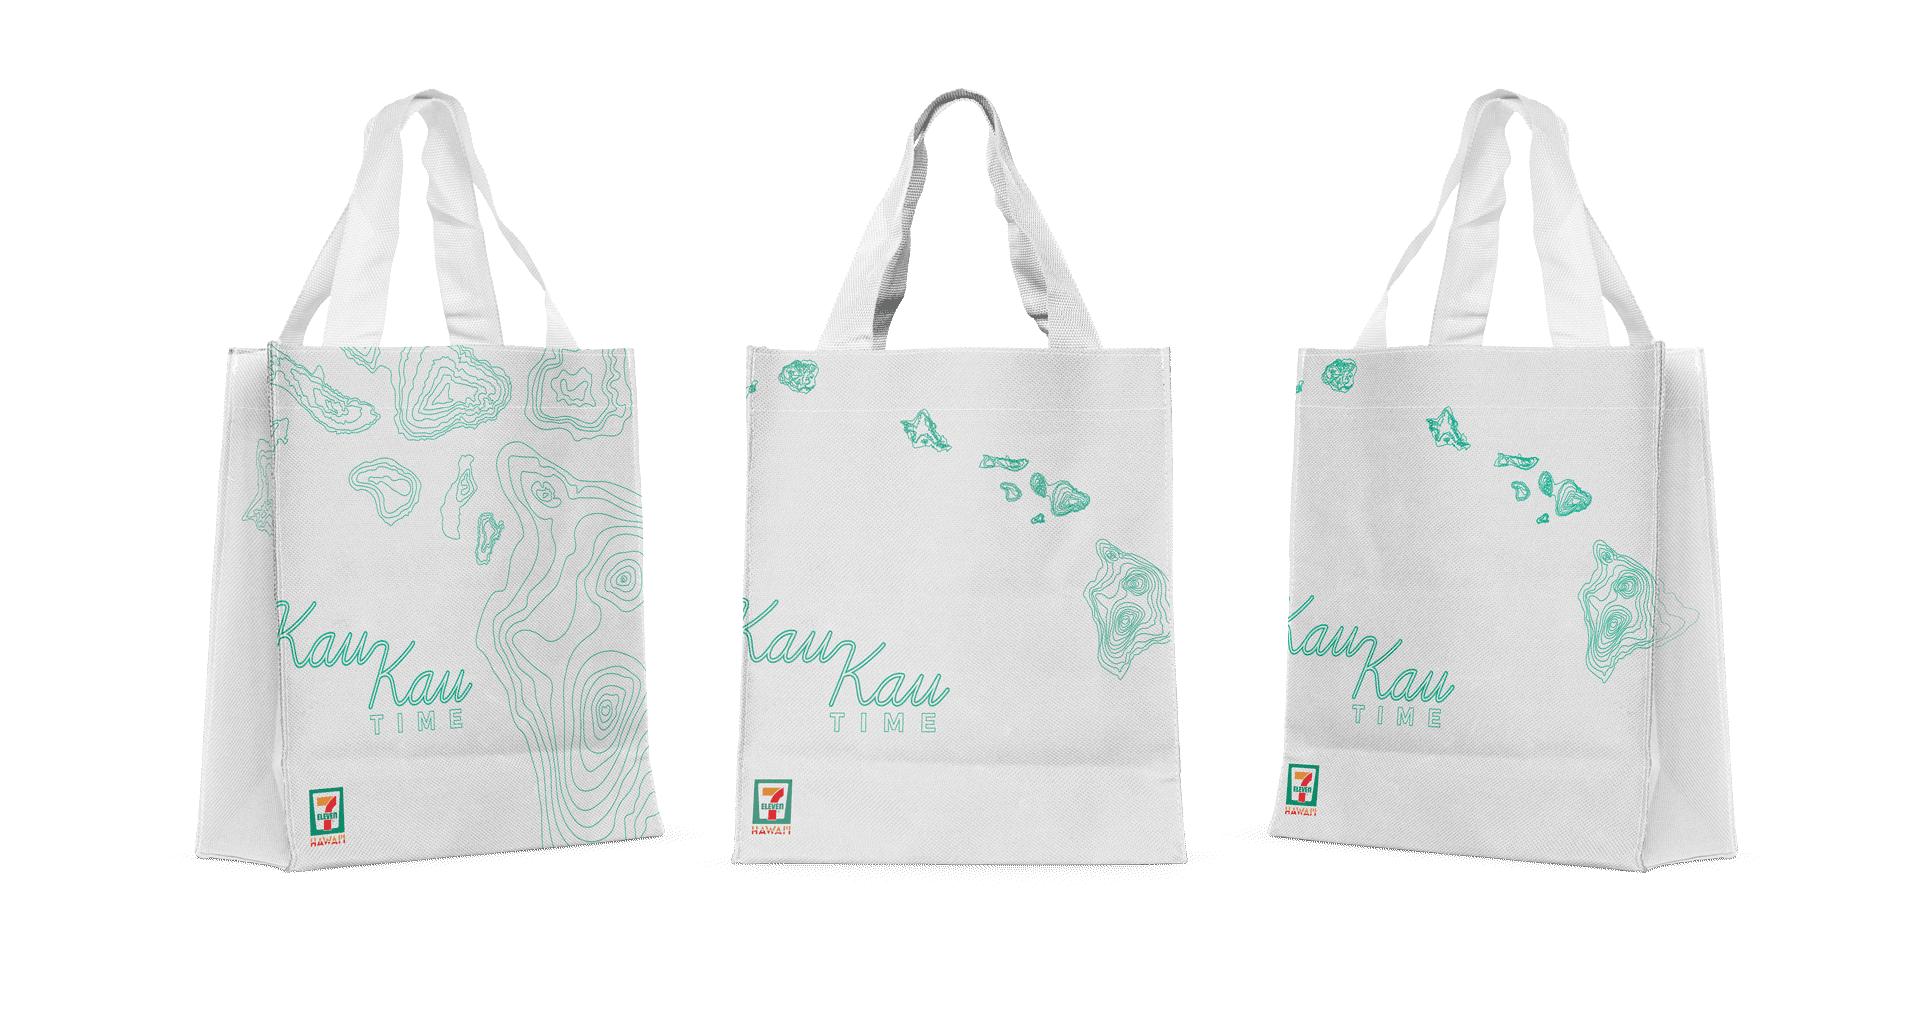 7-Eleven-Bag-Design8.png